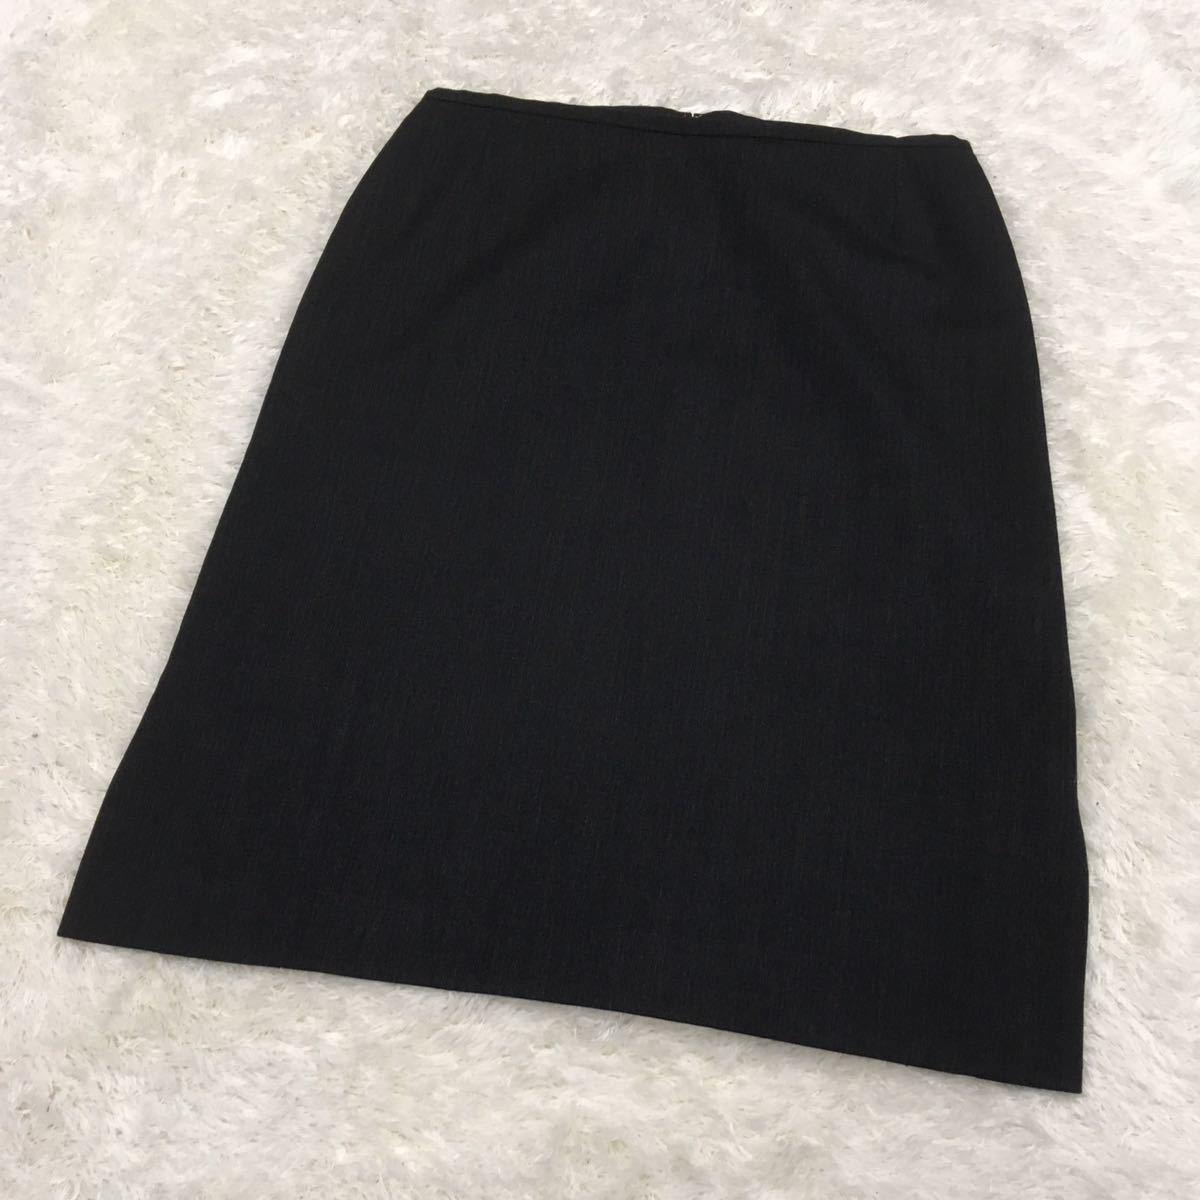 UNTITLED アンタイトル スーツスカート セットアップ テーラードジャケット ウール レディース 11号 チャコールグレー